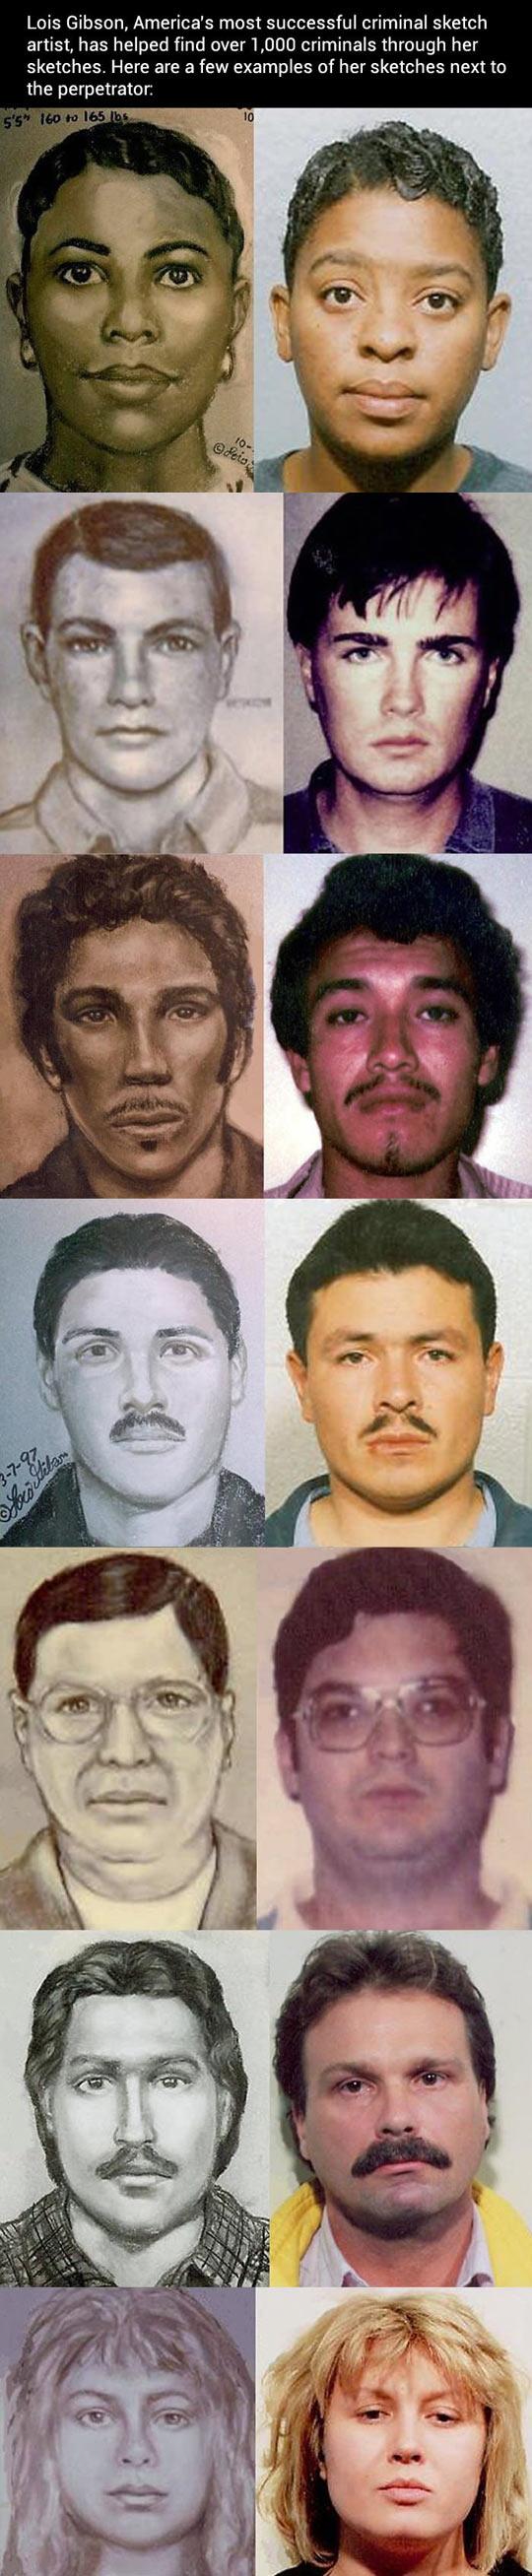 America's most successful criminal sketch artist…